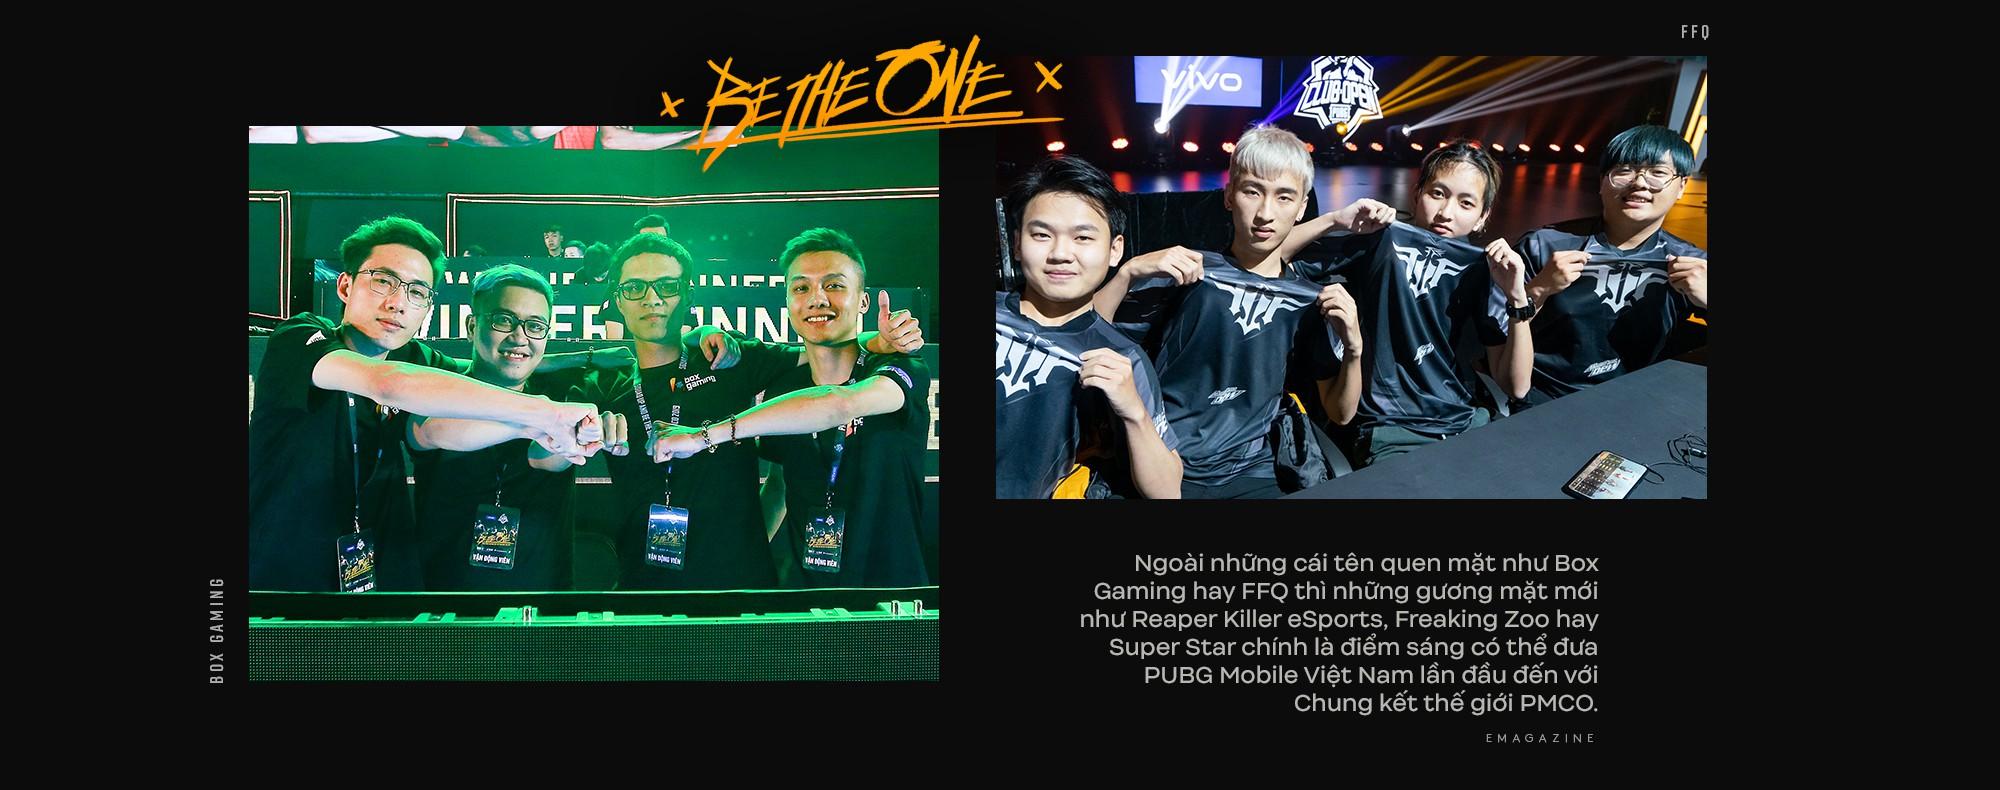 Nguồn cảm hứng từ PUBG Mobile và cơ hội để game thủ Việt vươn tầm thế giới - Ảnh 6.